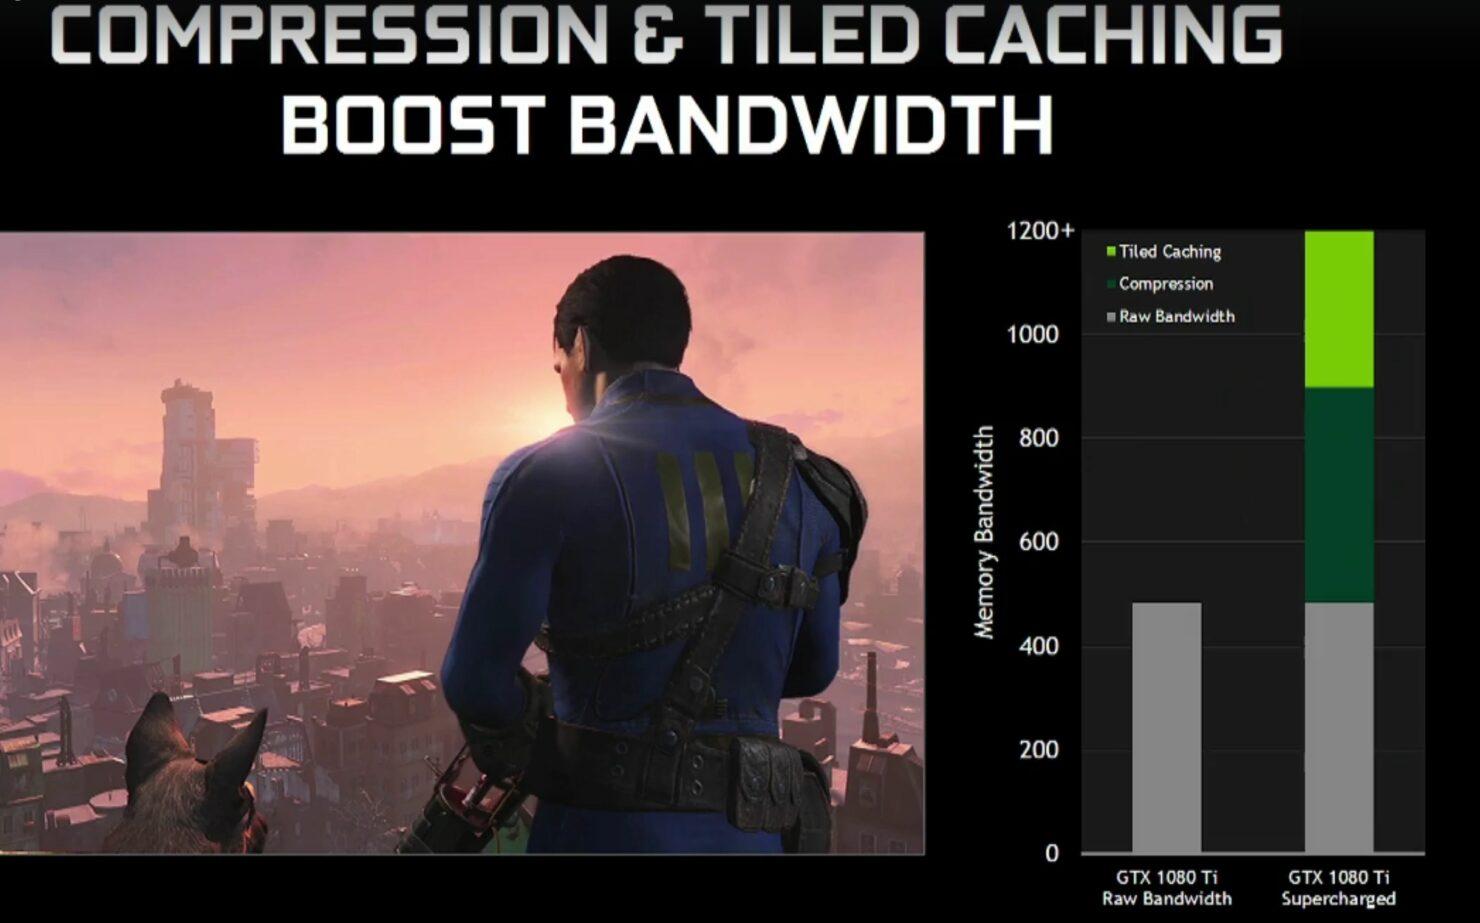 gtx-1080-ti-memory-compression